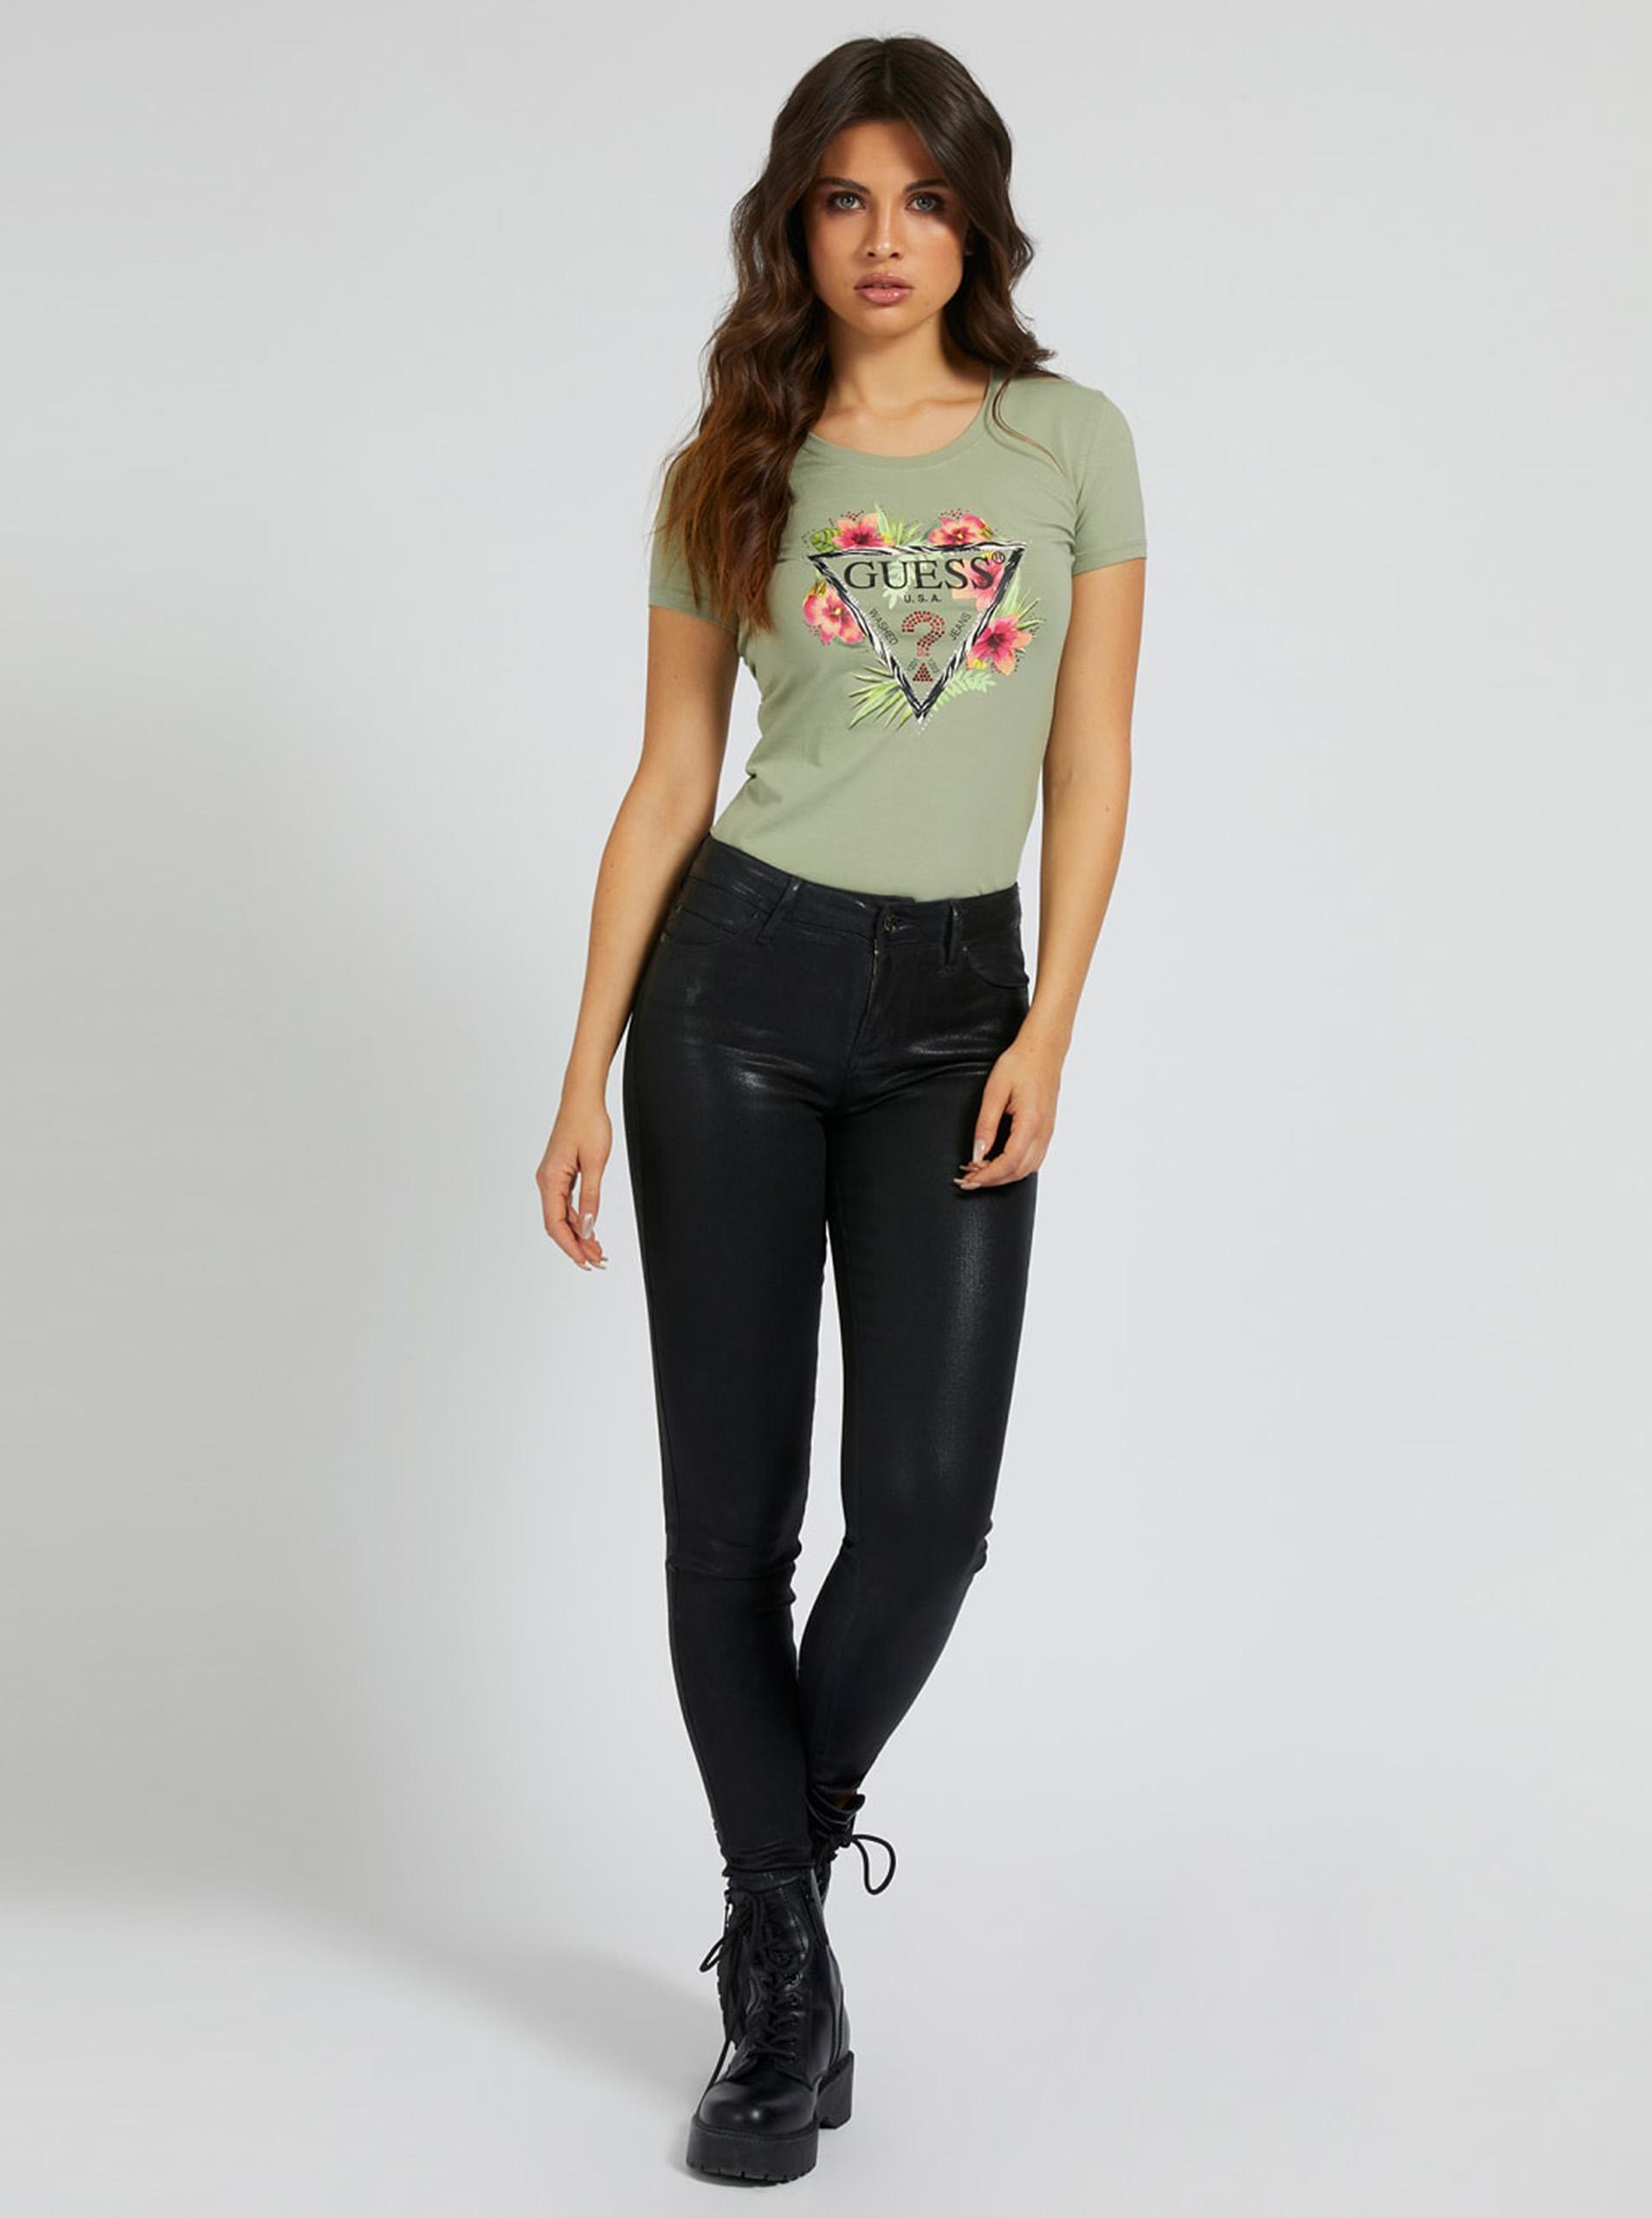 Guess Women's t-shirt khaki  Rebeca